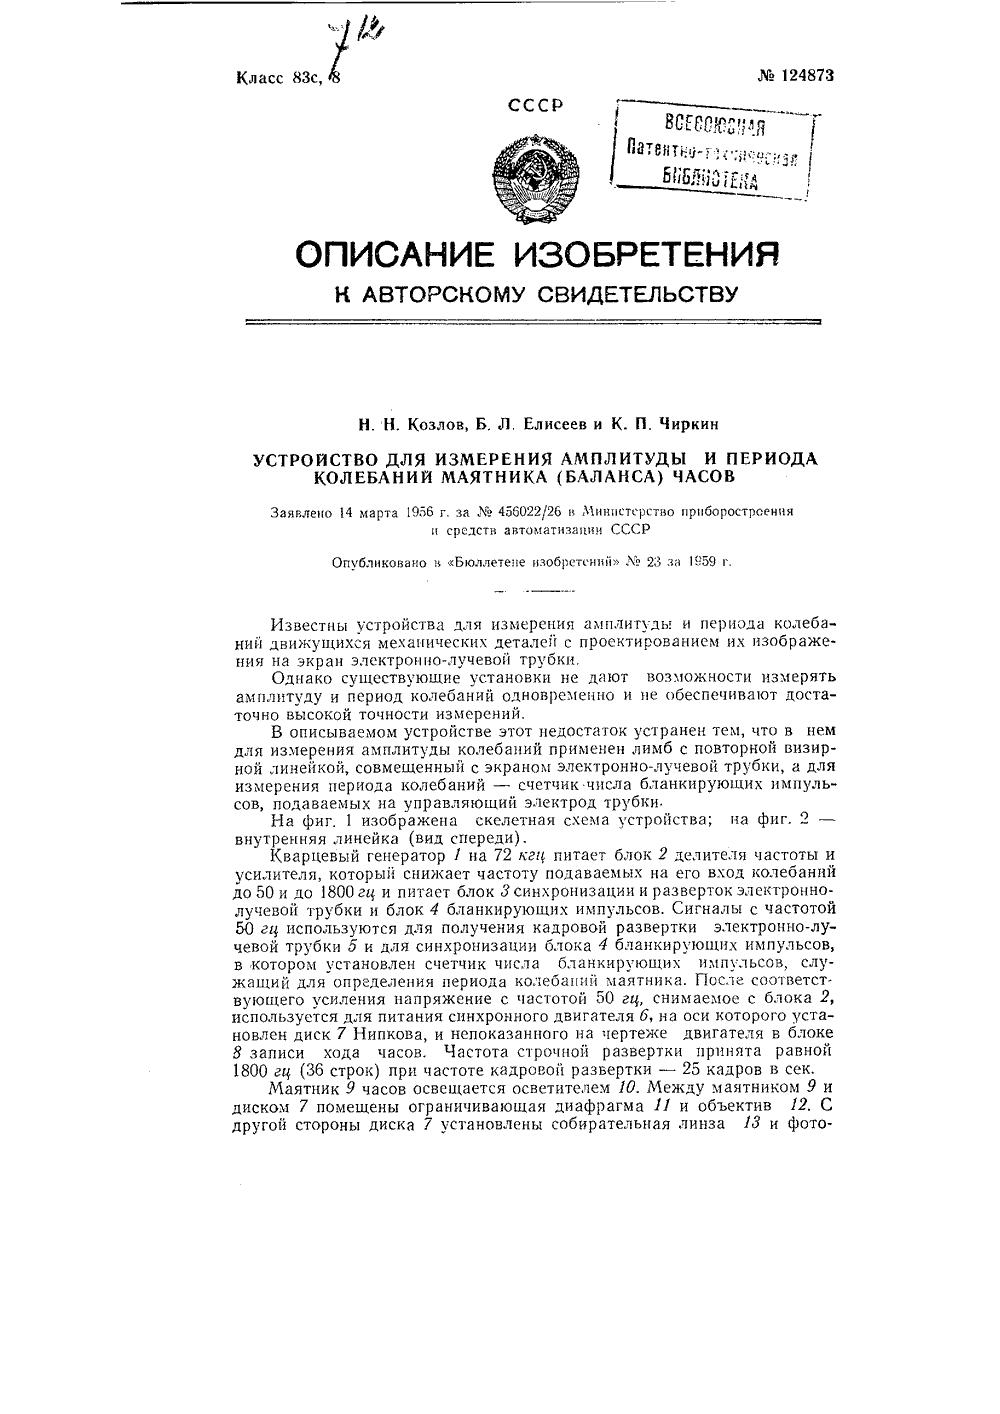 схема мультивибратора для маятника